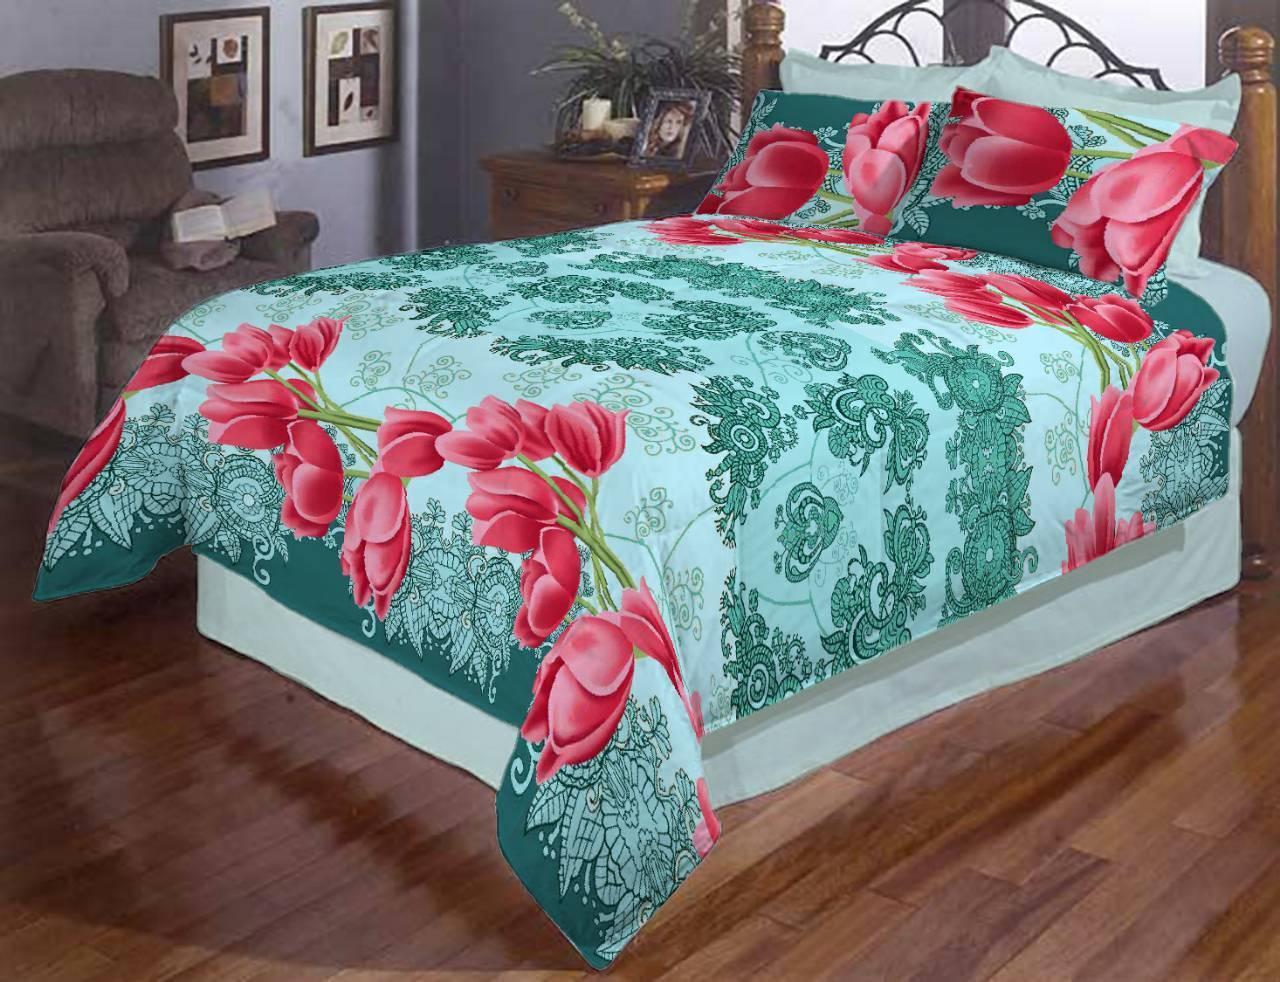 Комплект постельного белья Тюльпаны на бирюзе, полуторное